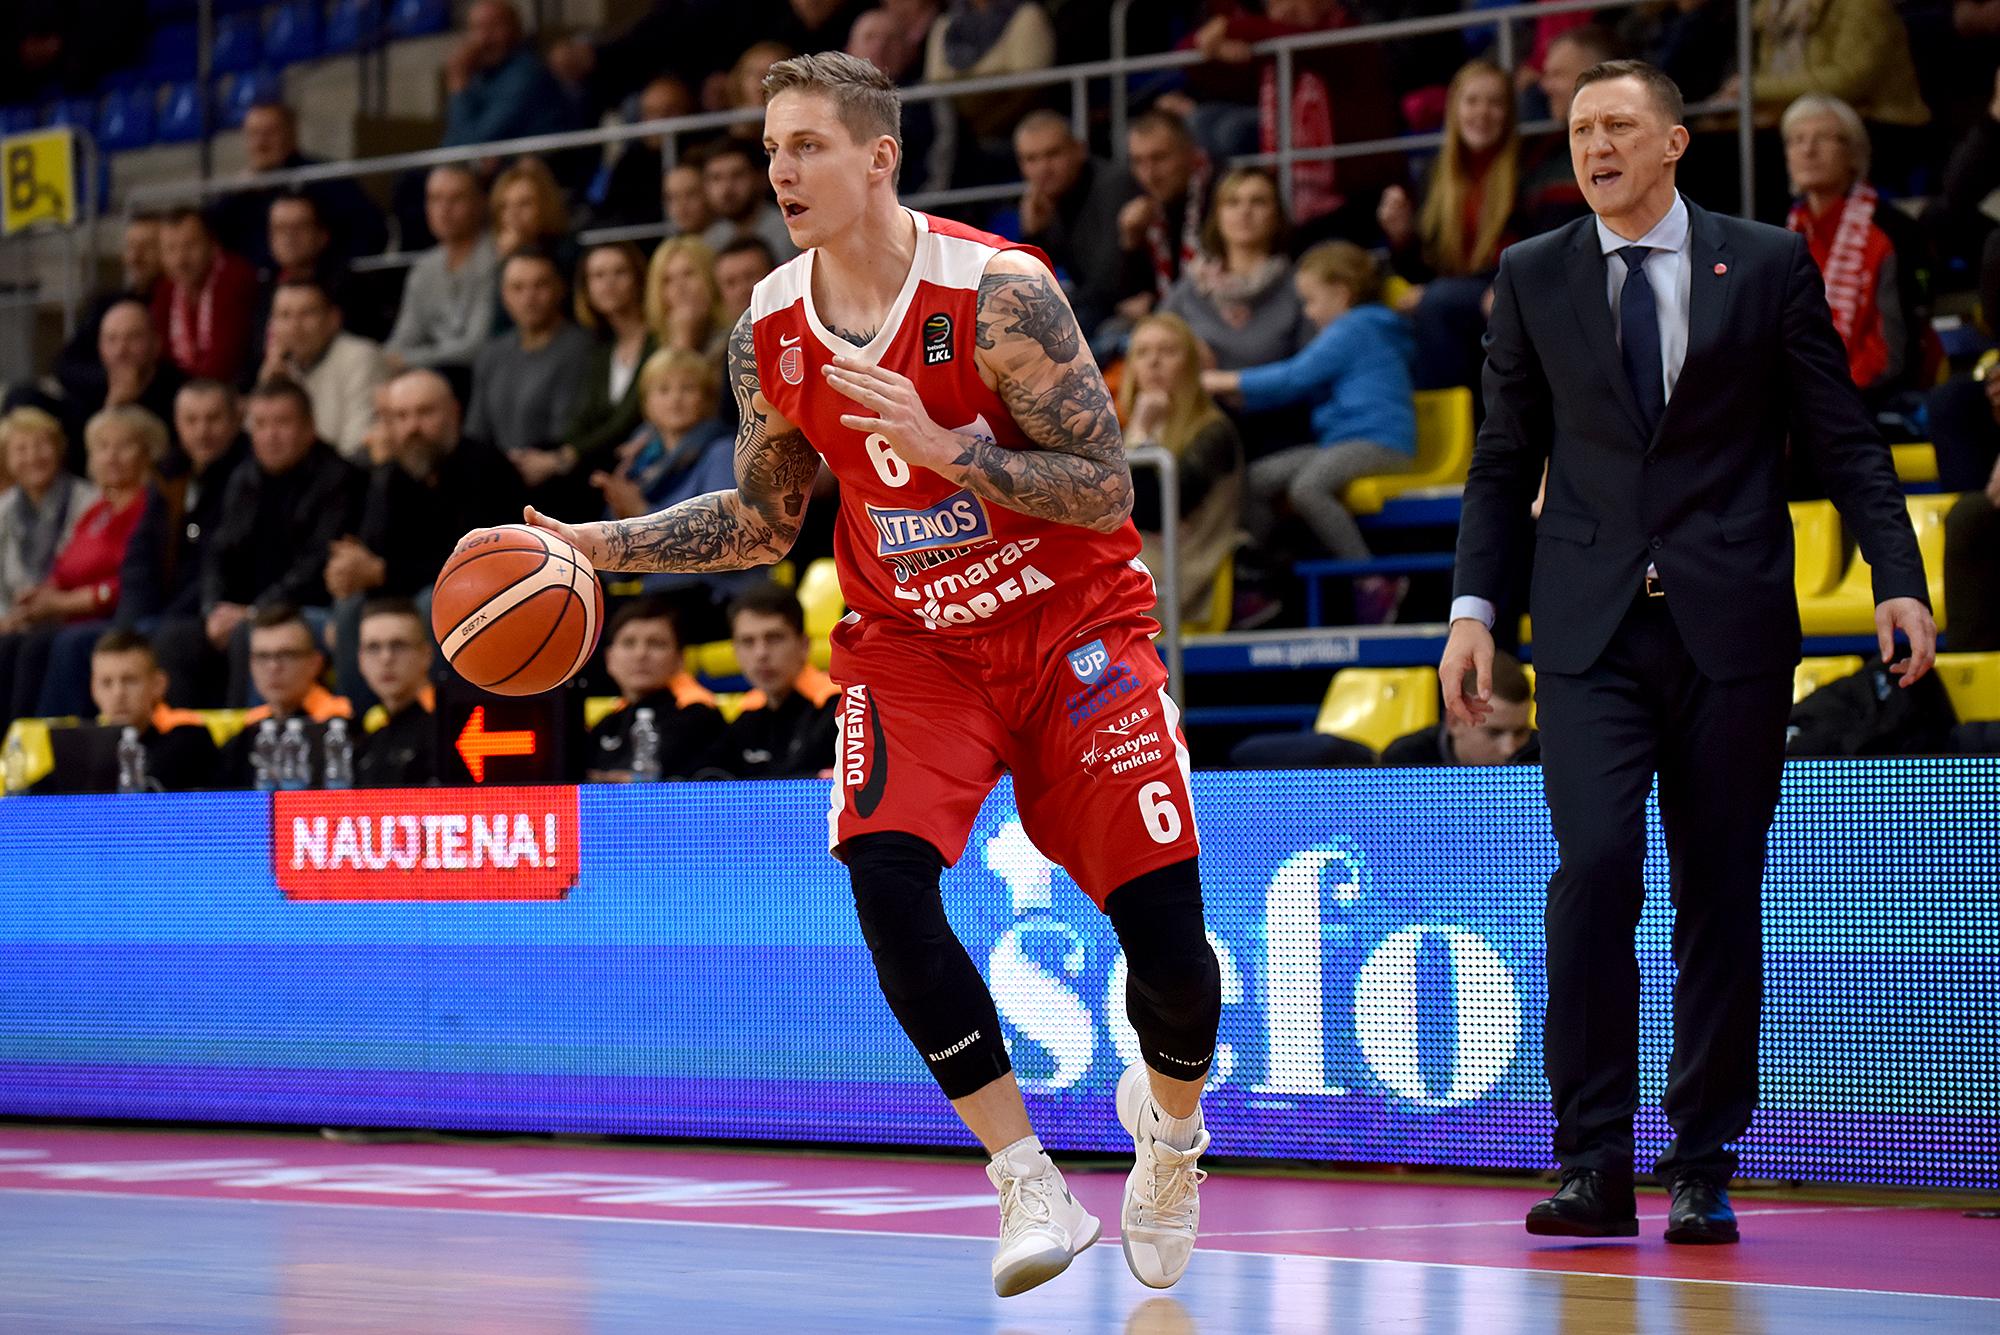 Į Uteną atvyksta geriausia FIBA Čempionų lygos komanda